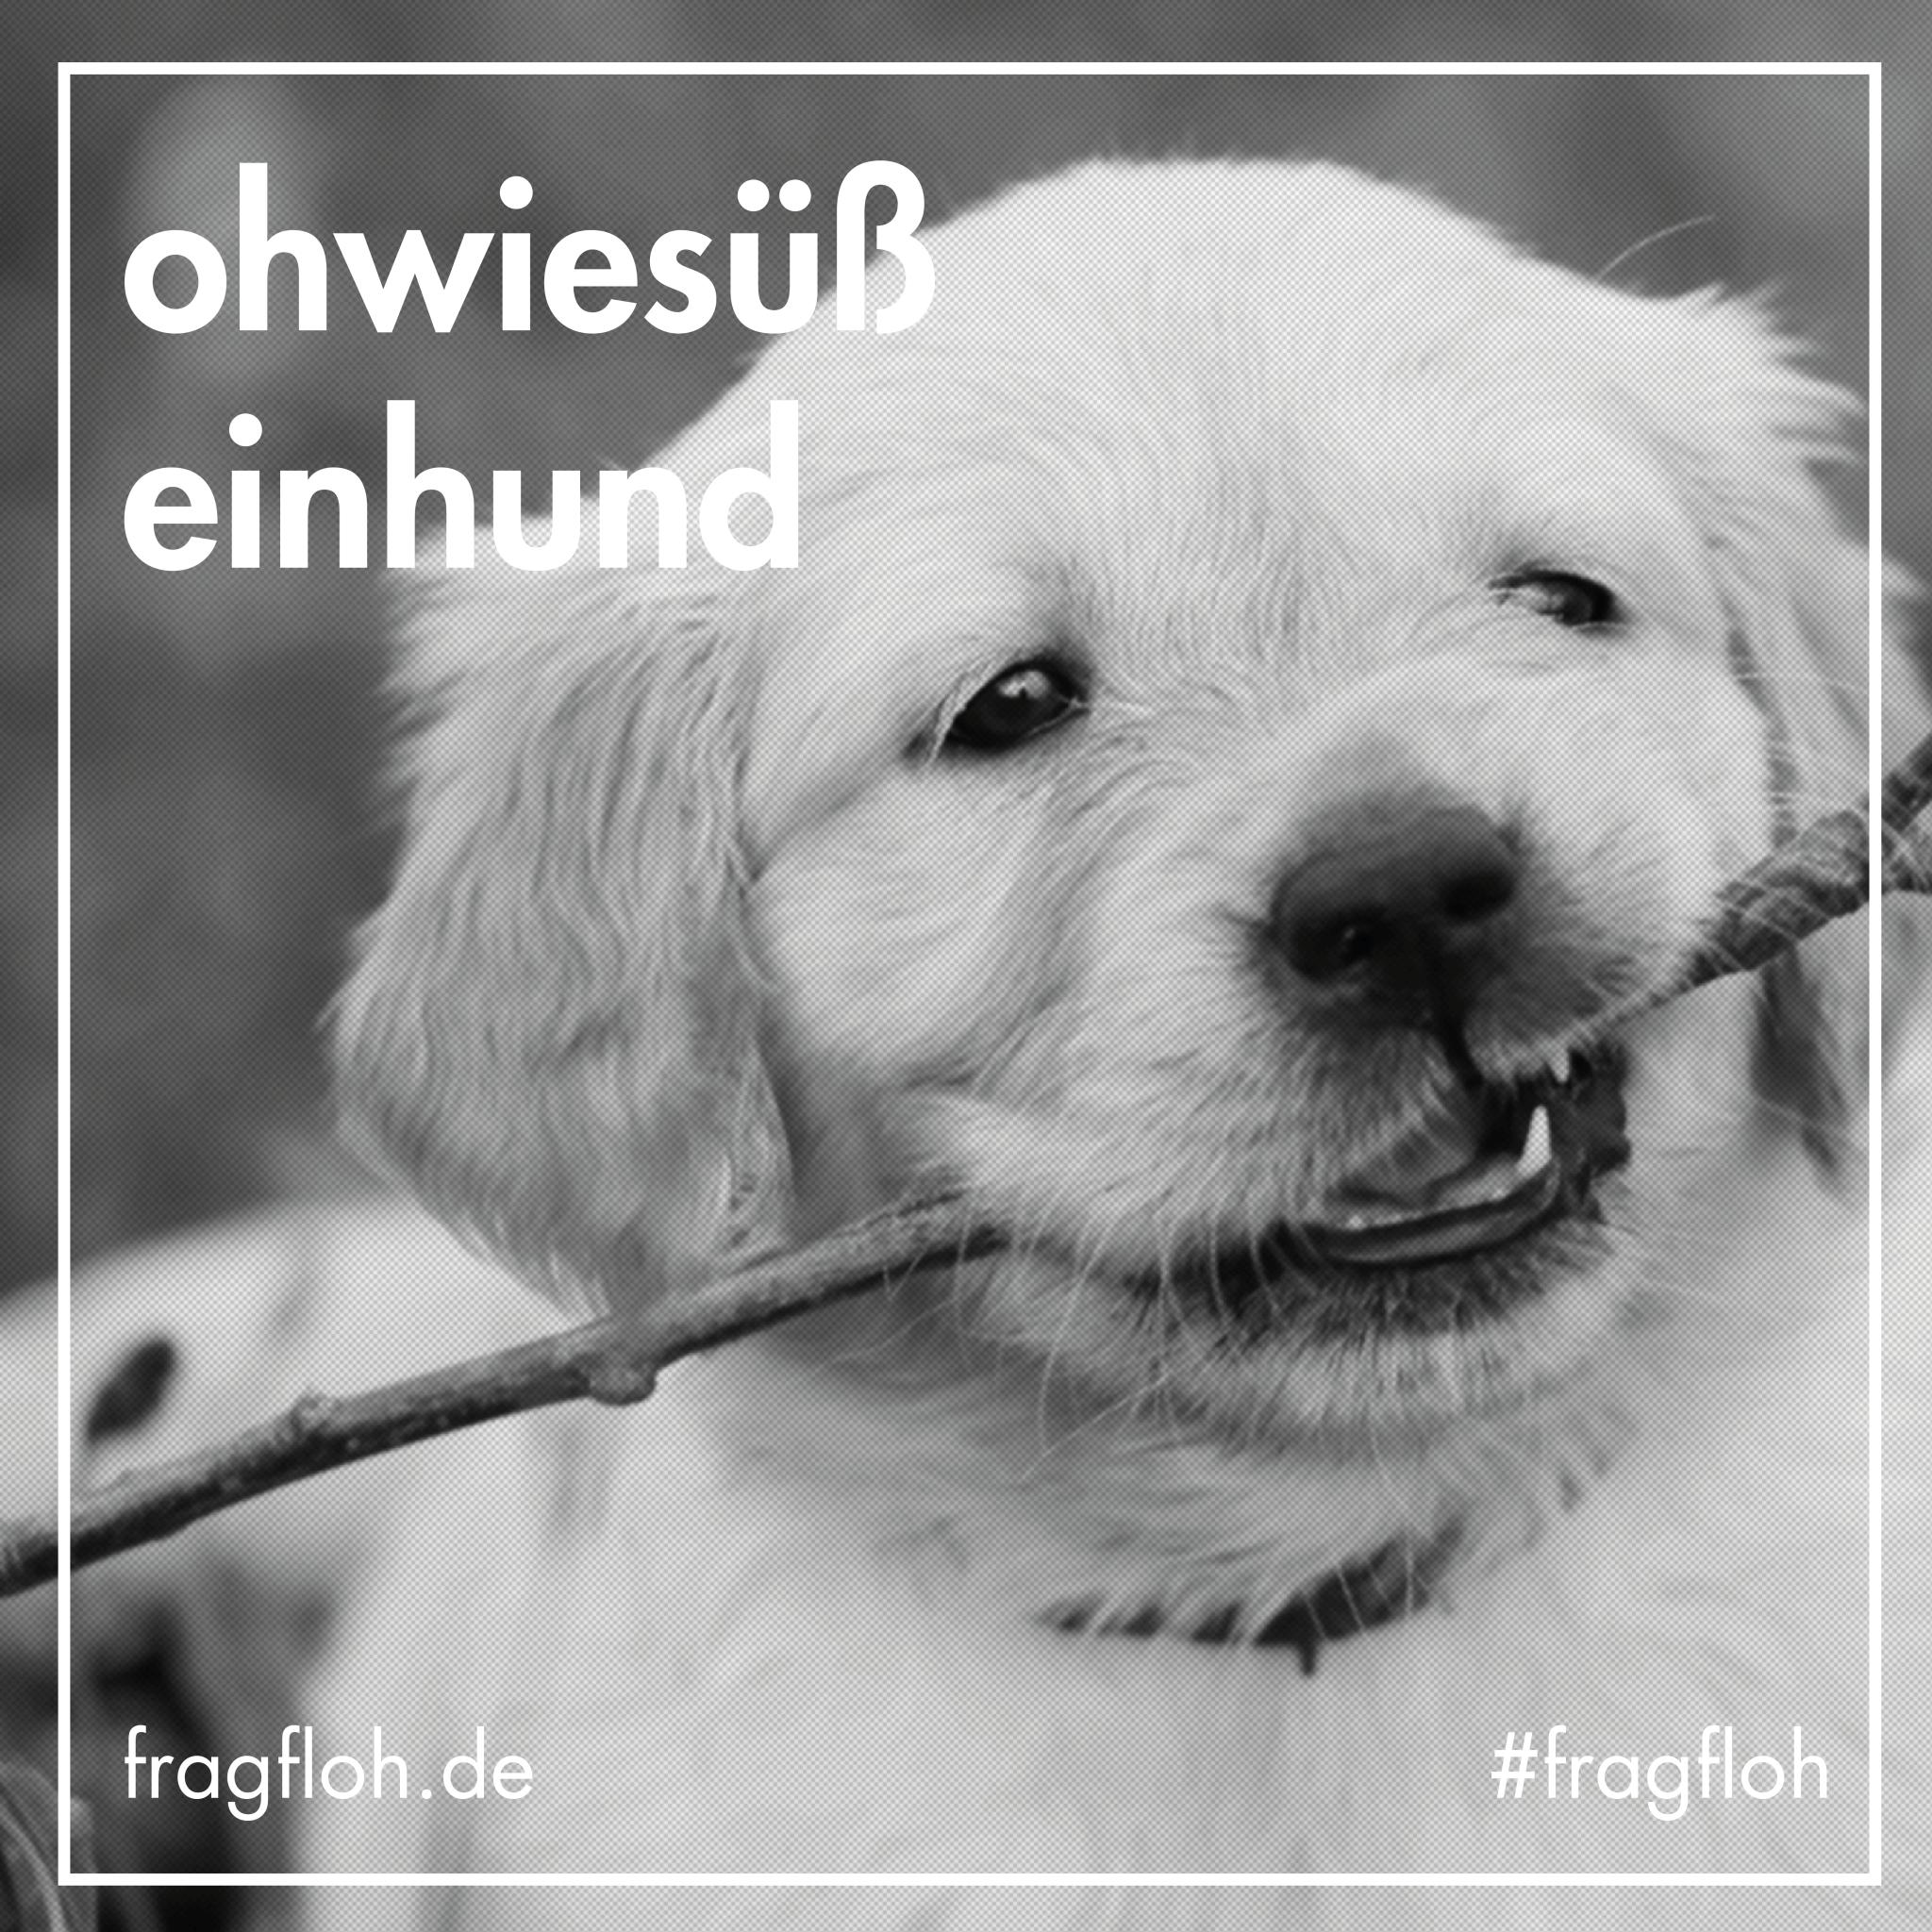 fragfloh-ohwiesuesseinhund-01